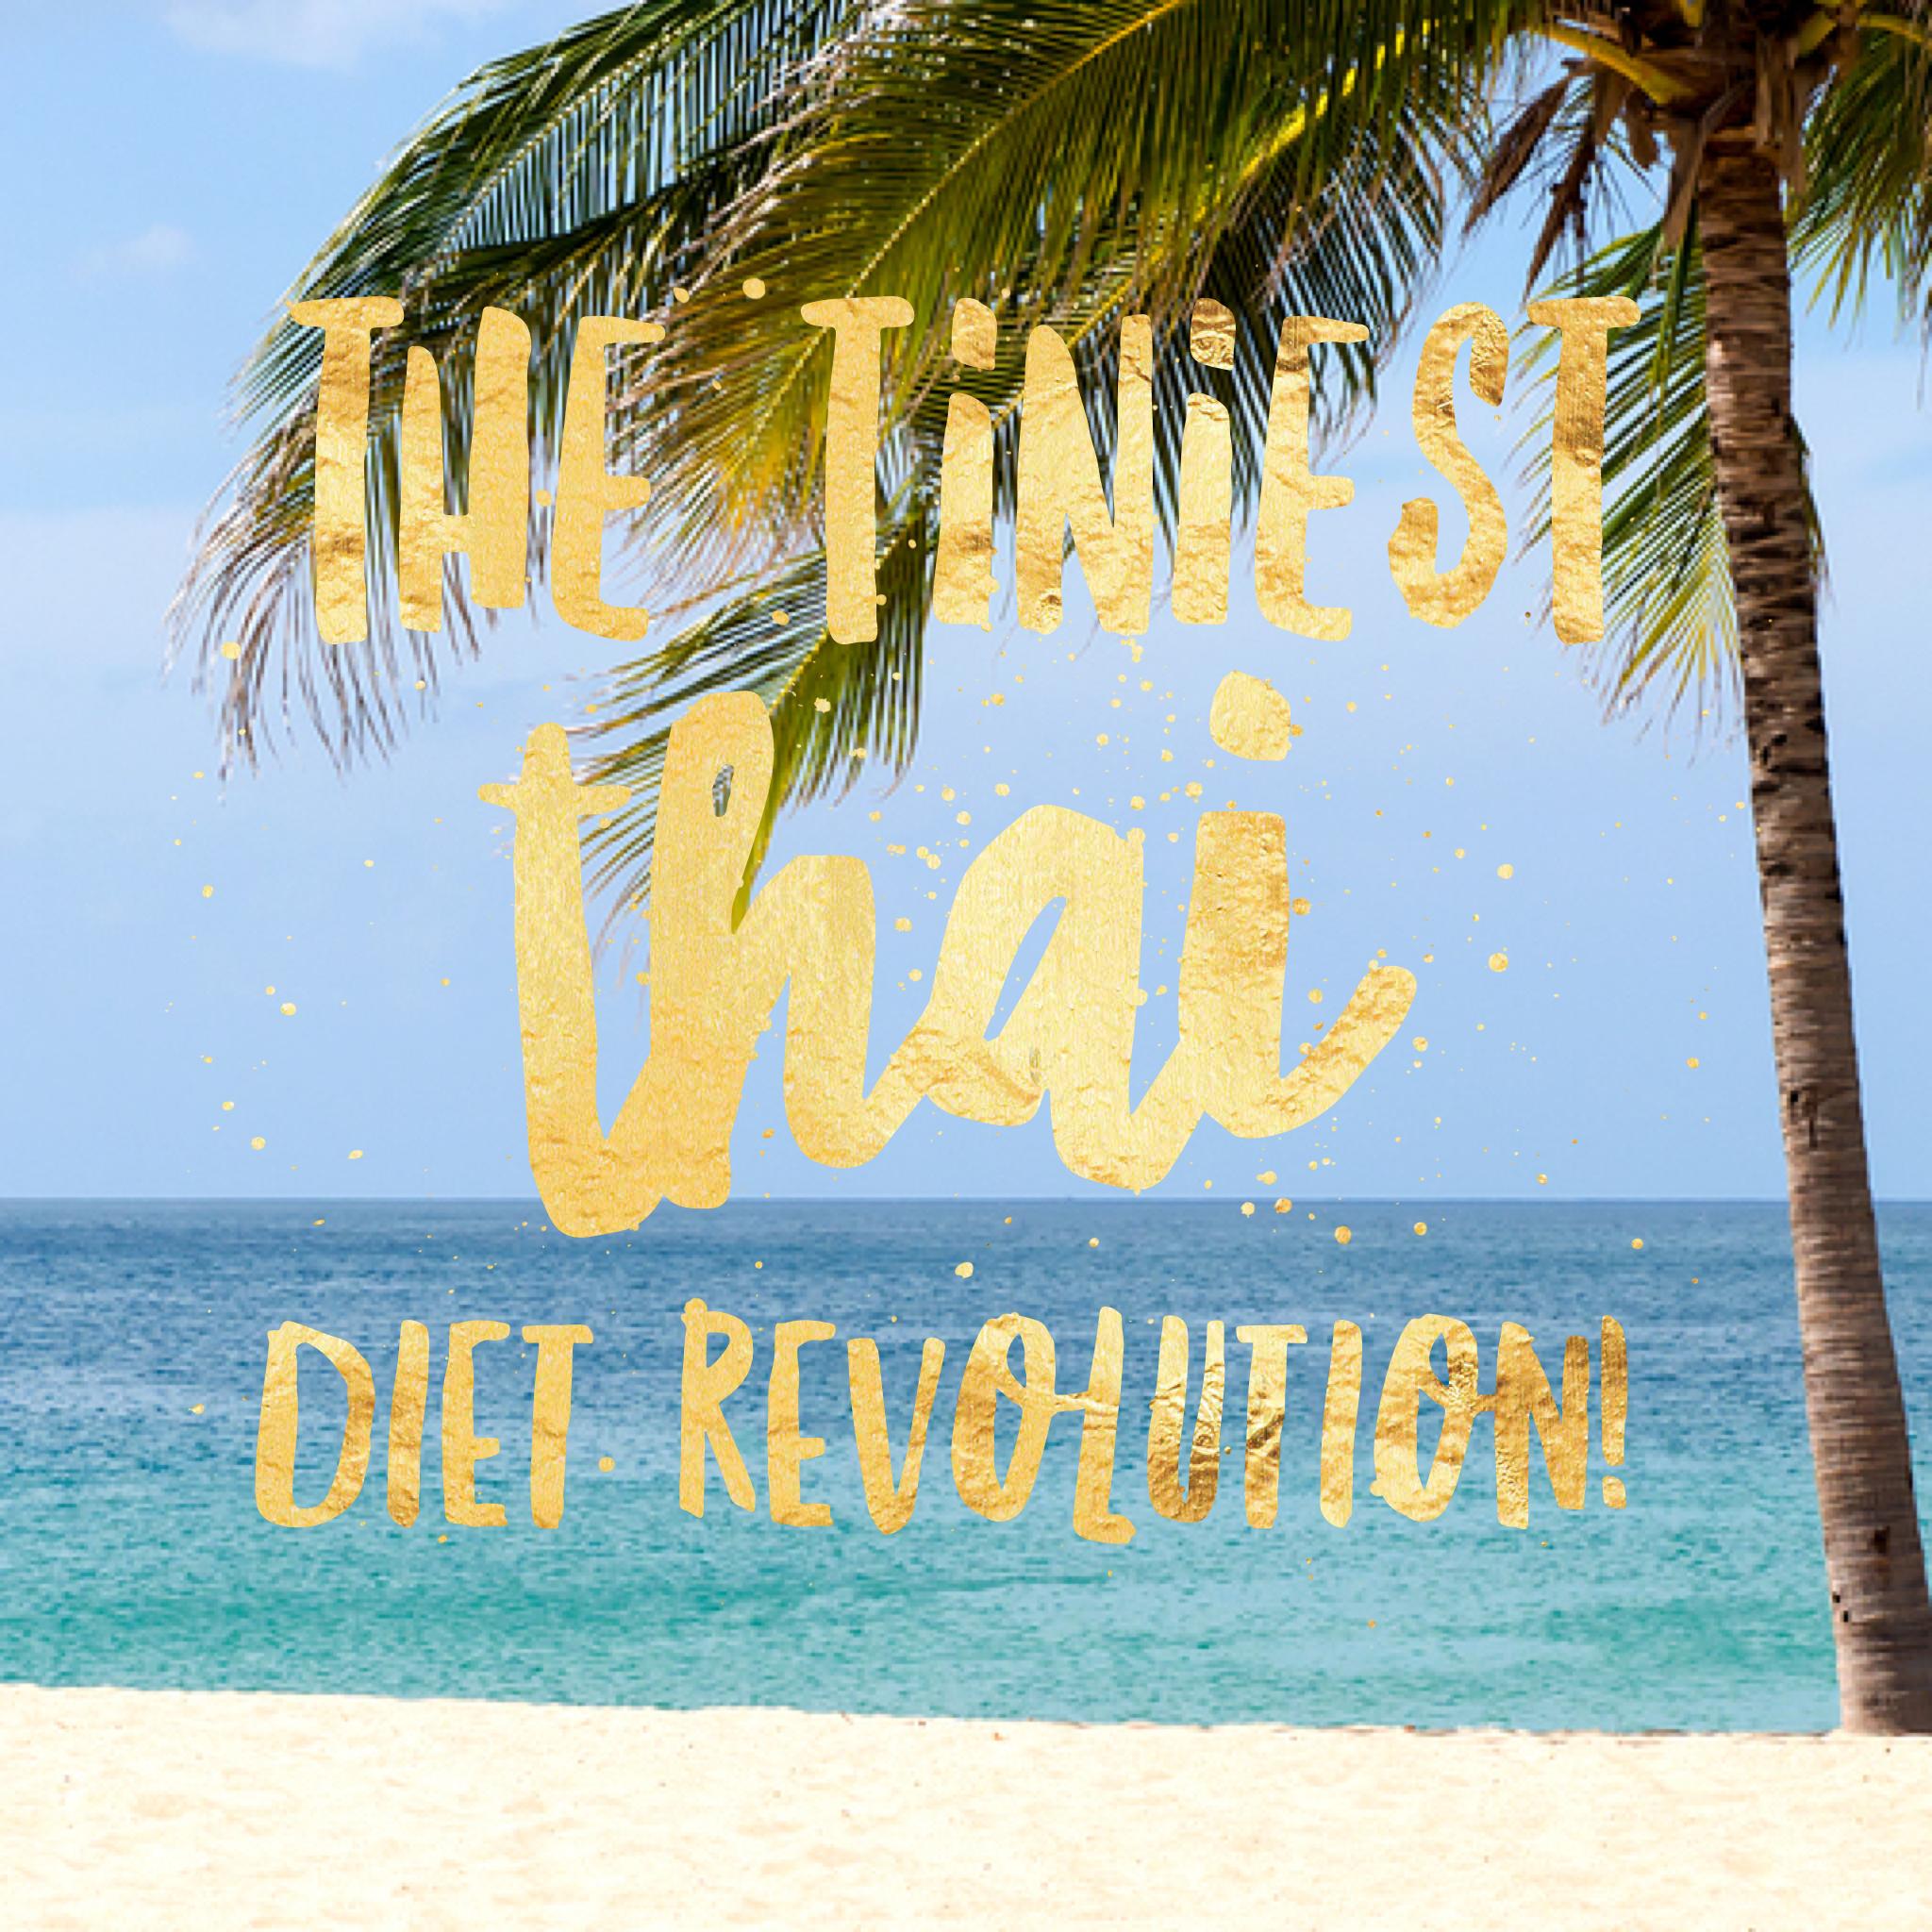 The Tiniest Thai Diet Revolution